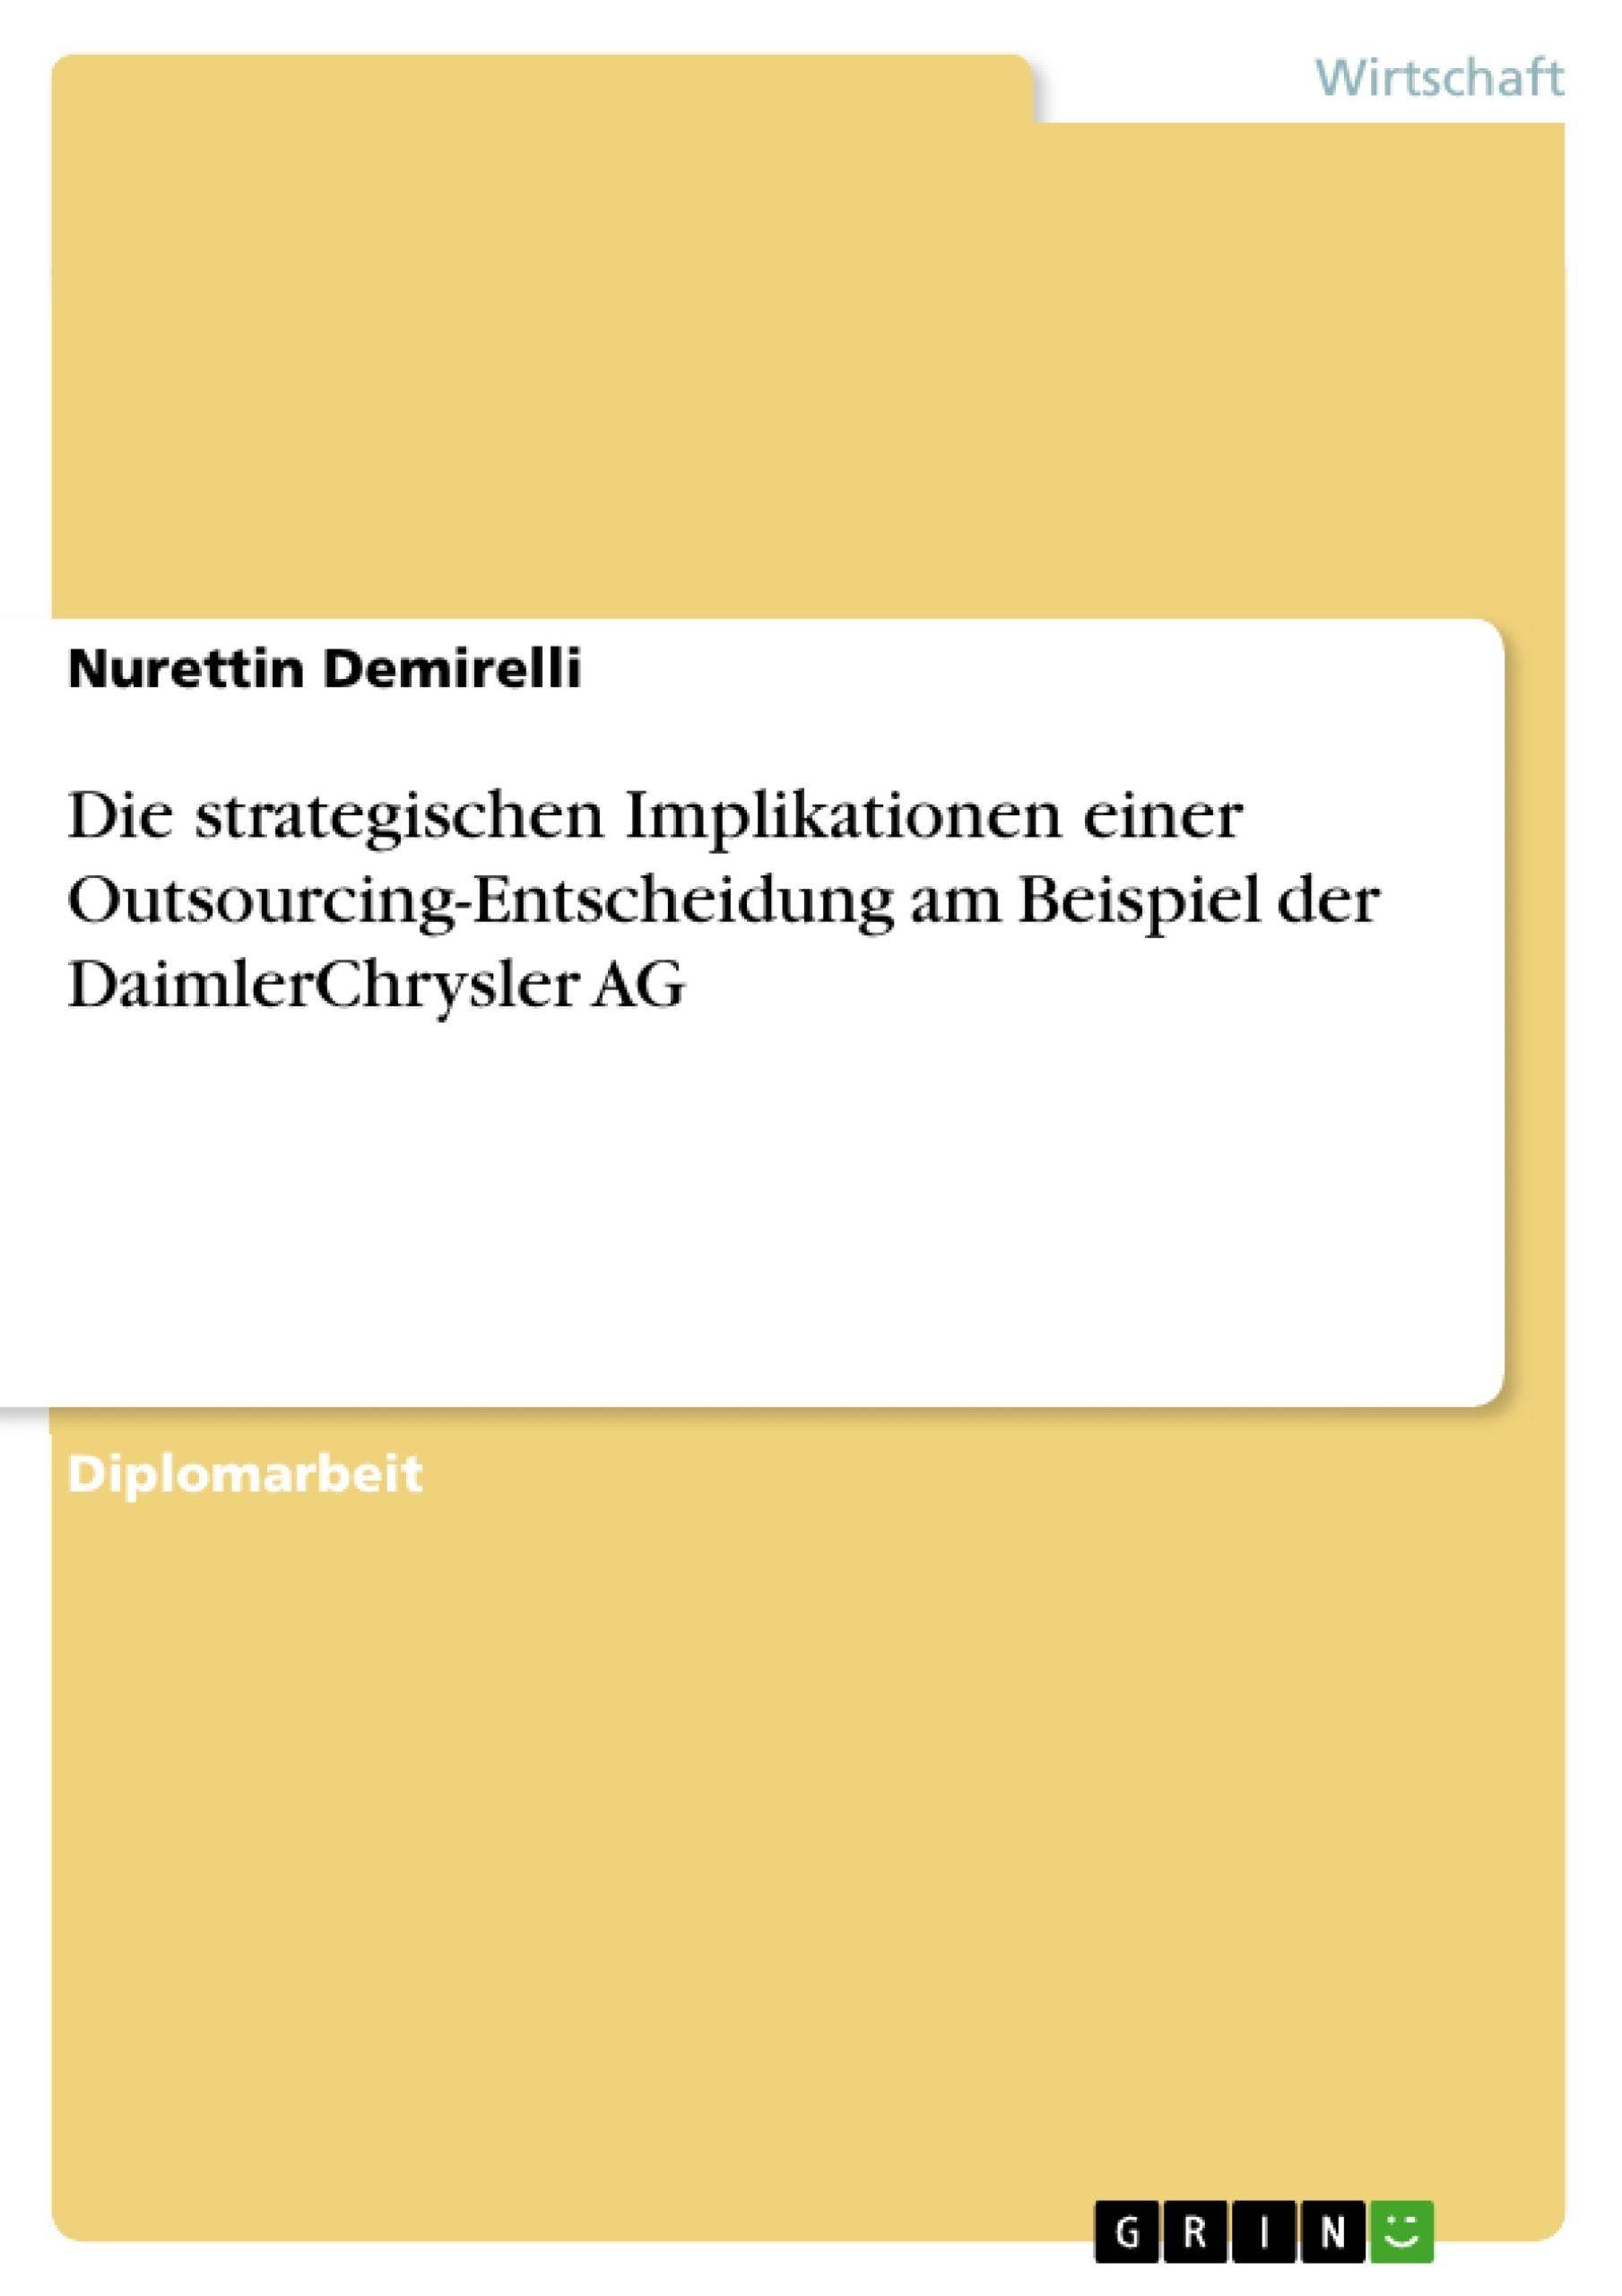 Titel: Die strategischen Implikationen einer Outsourcing-Entscheidung am Beispiel der DaimlerChrysler AG